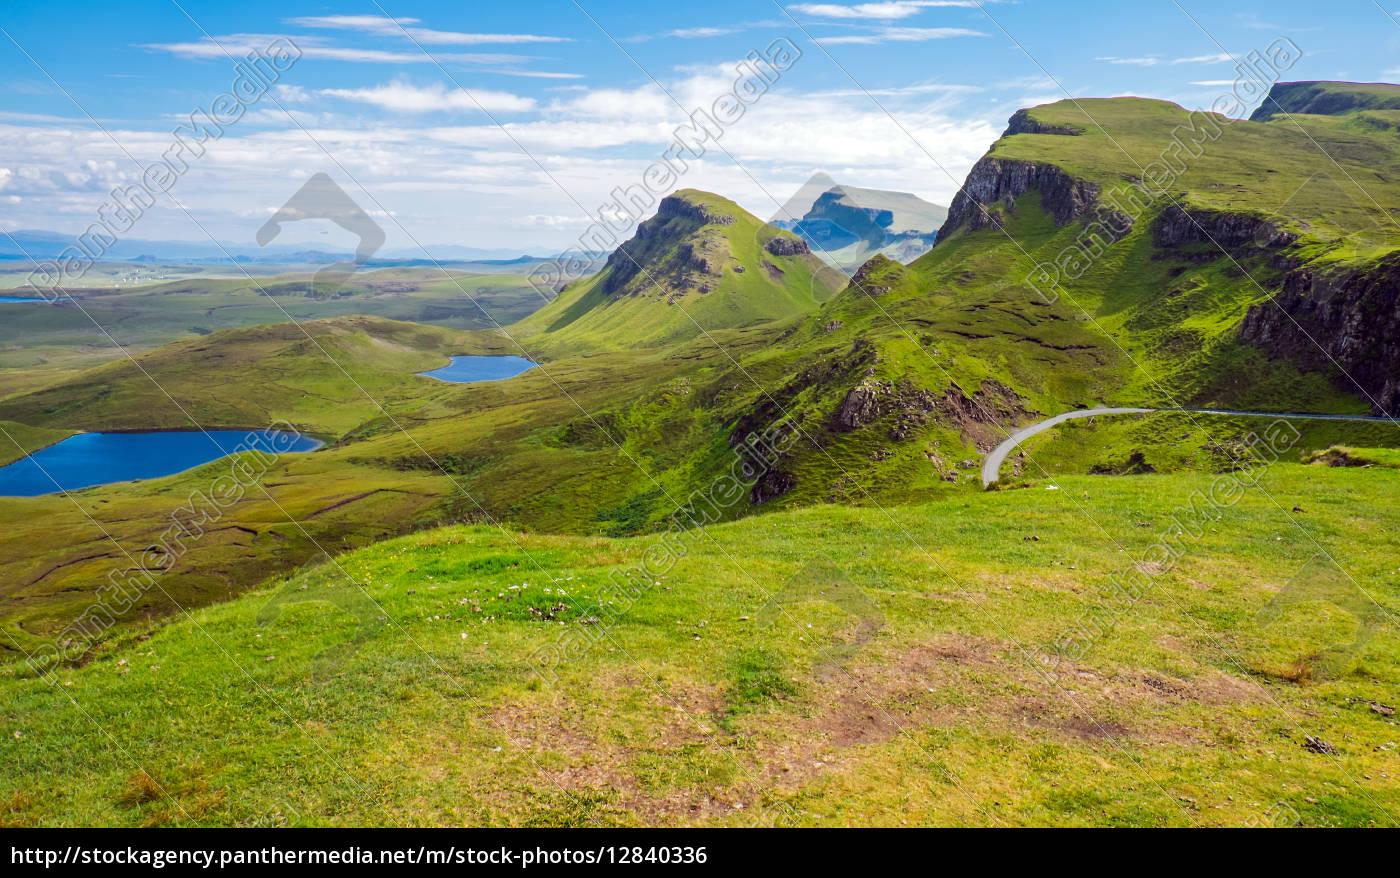 Grüne Landschaft auf der Isle of Skye in Schottland - Lizenzfreies ...